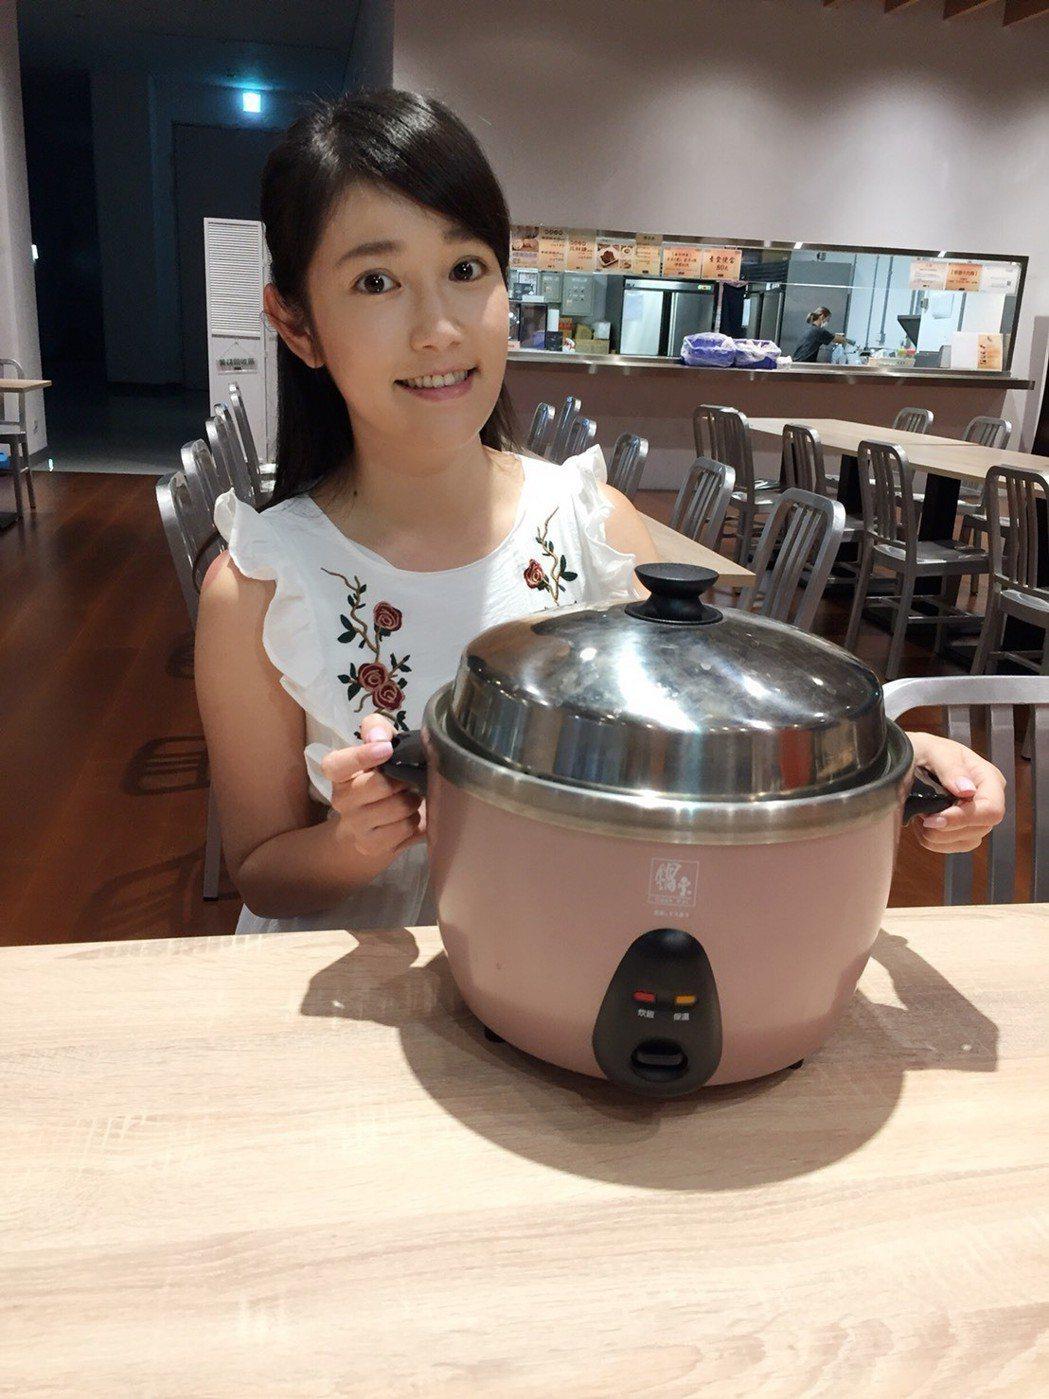 郭亞棠很會用電鍋料理。圖/民視提供